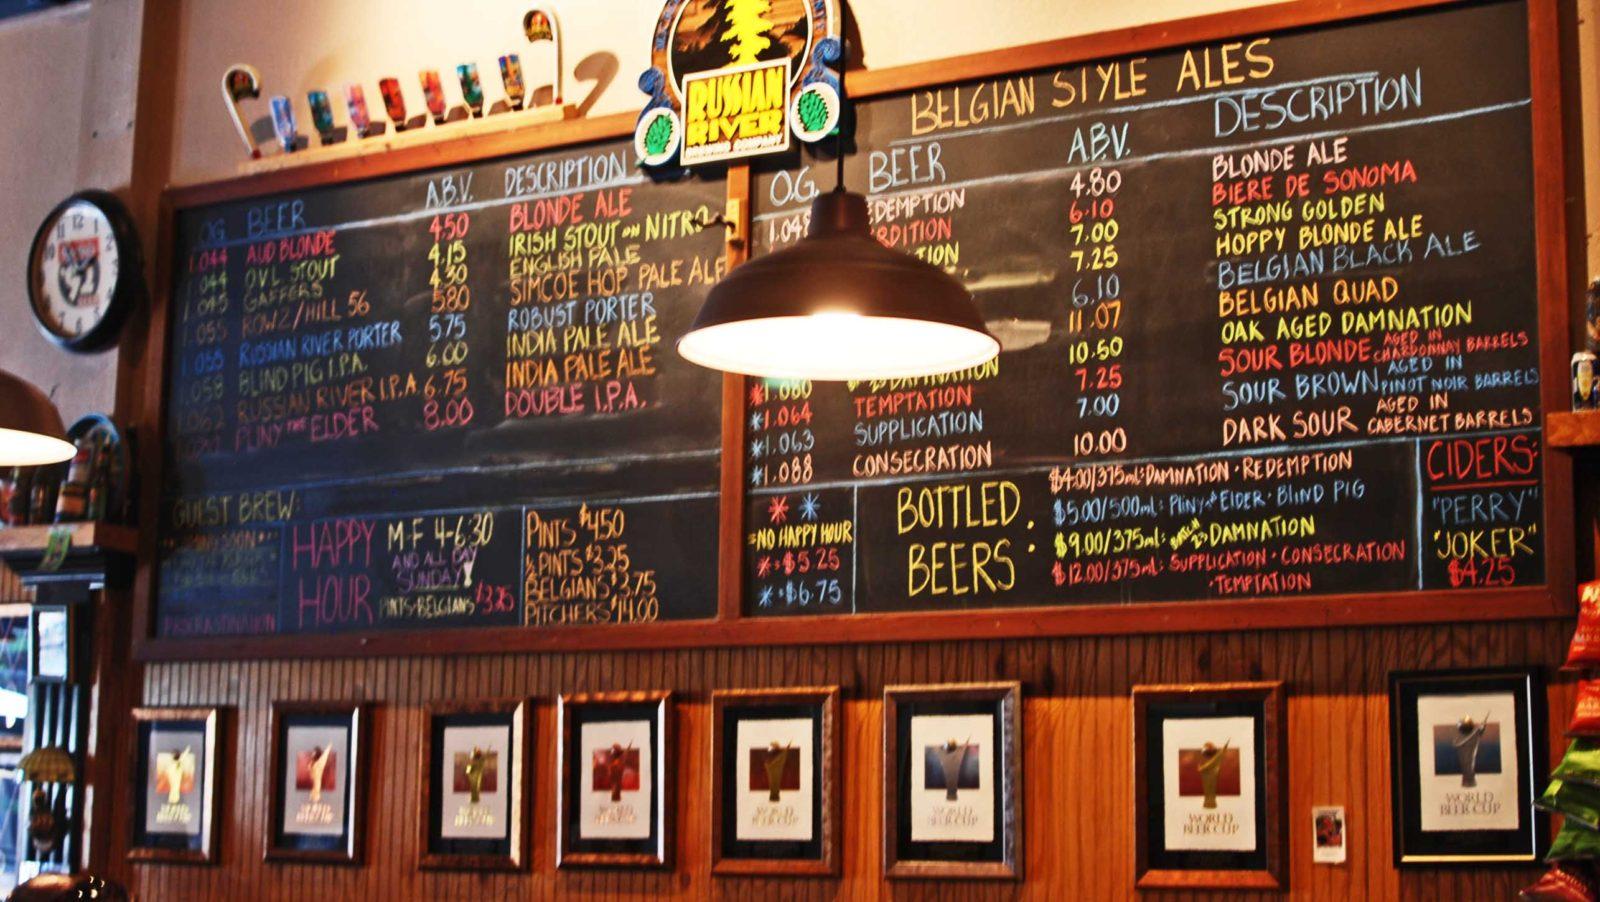 122. Russian River Brew Pub, Santa Rosa CA 2012